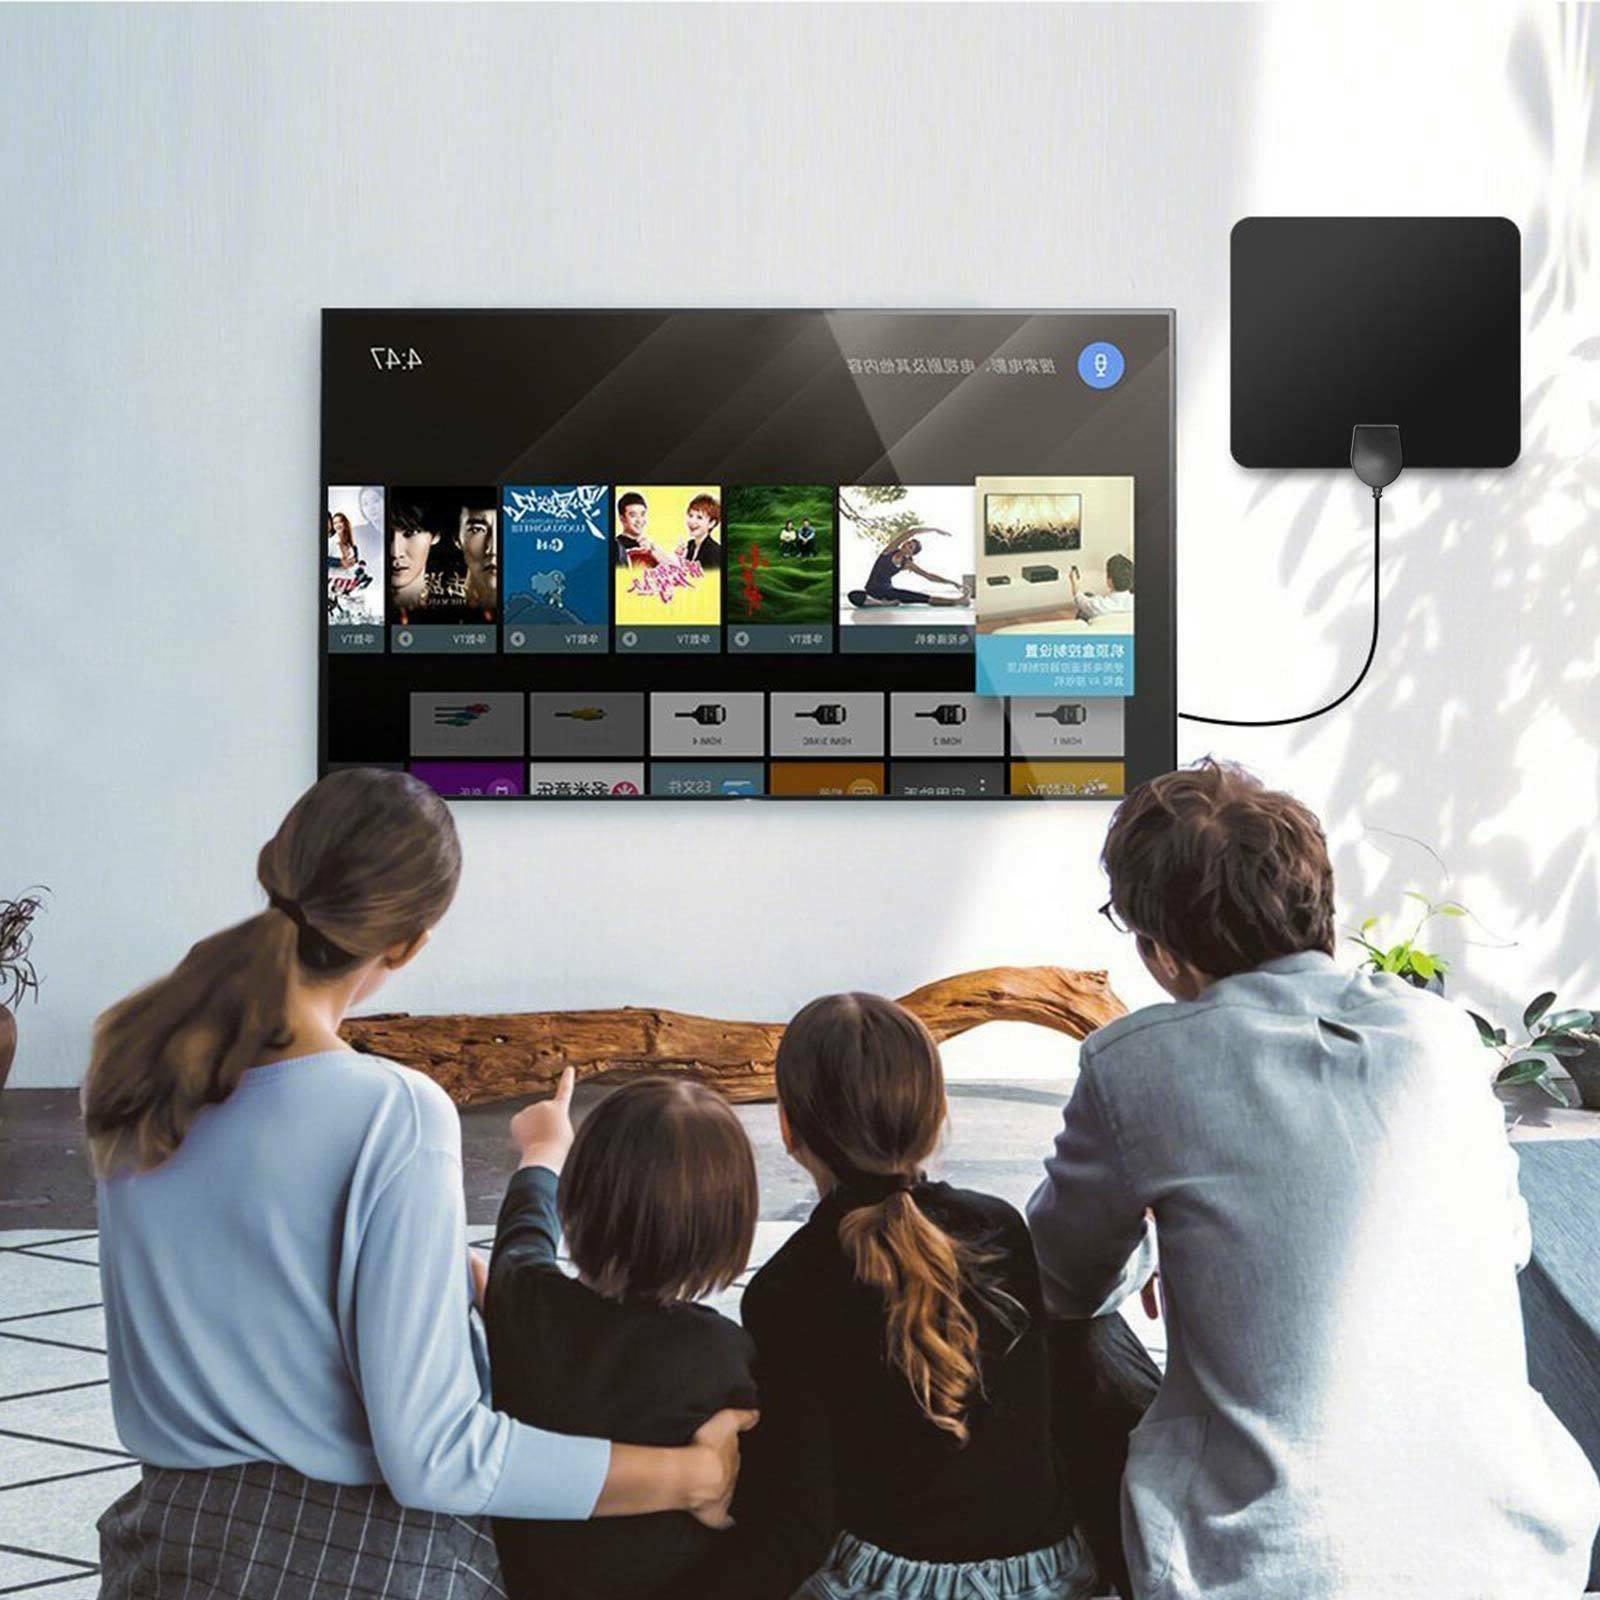 50 HD Digital Channels 4K